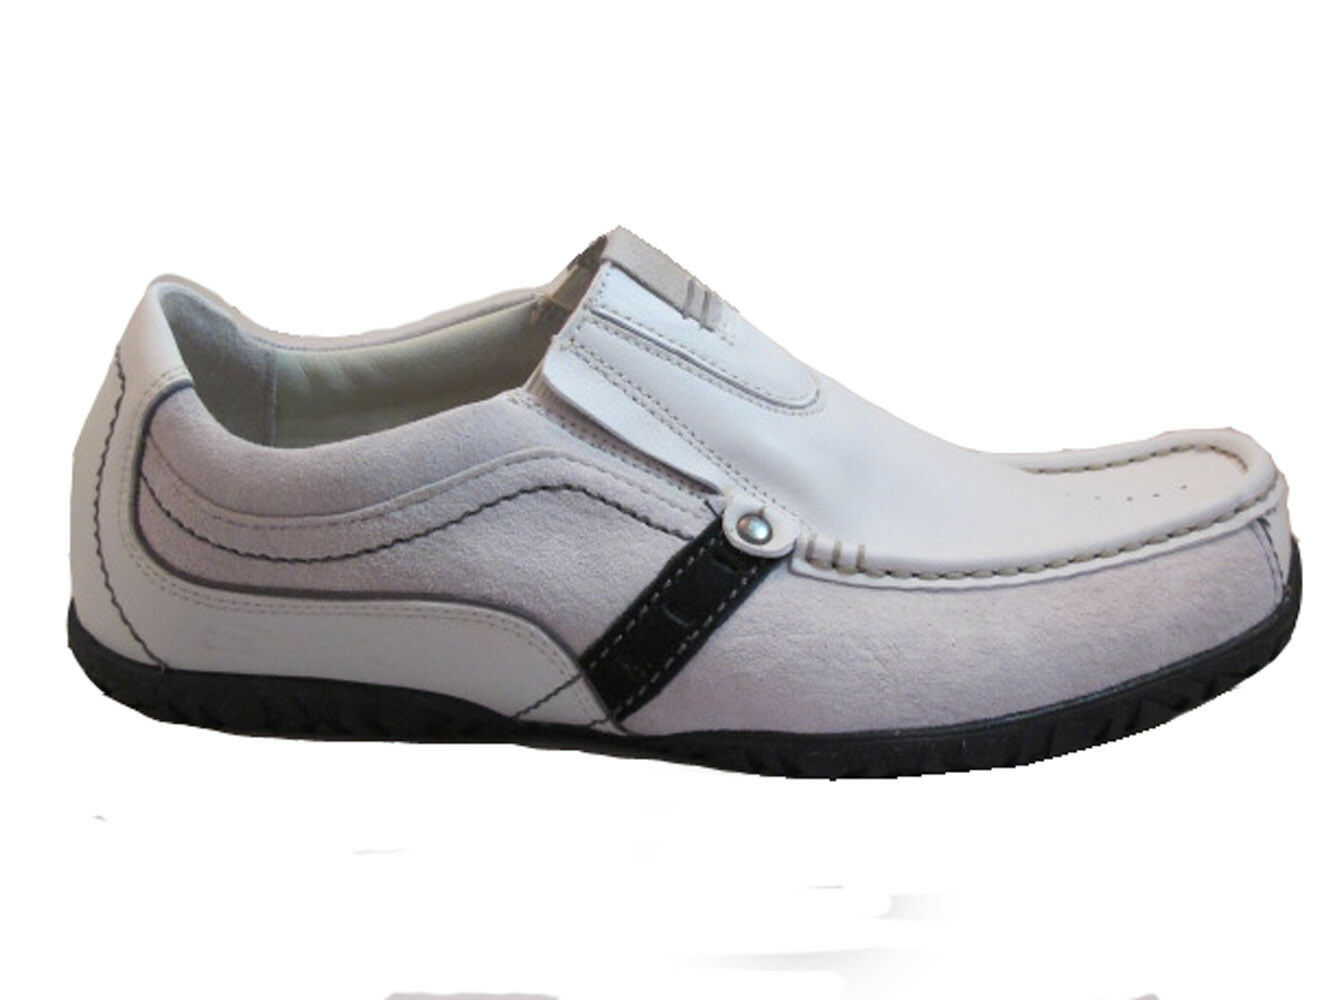 marchio famoso Skechers Uomo Slip On scarpe scarpe scarpe da ginnastica 61255 bianca  fino al 60% di sconto